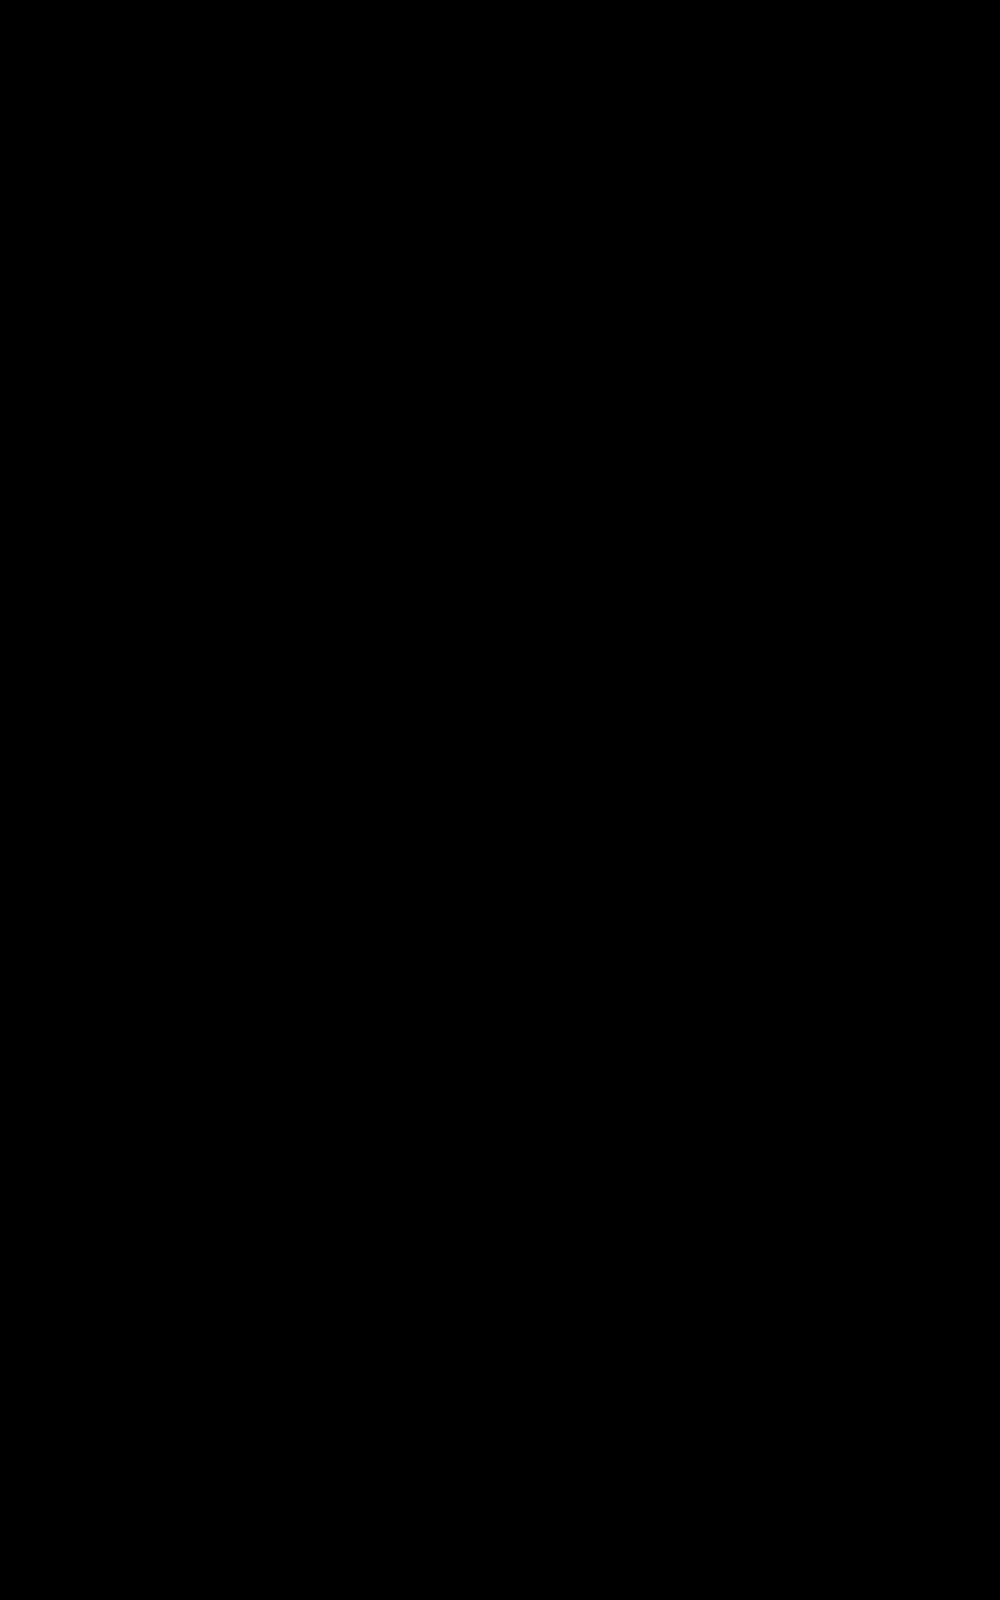 Airbrush DreamOfDesign Outlines